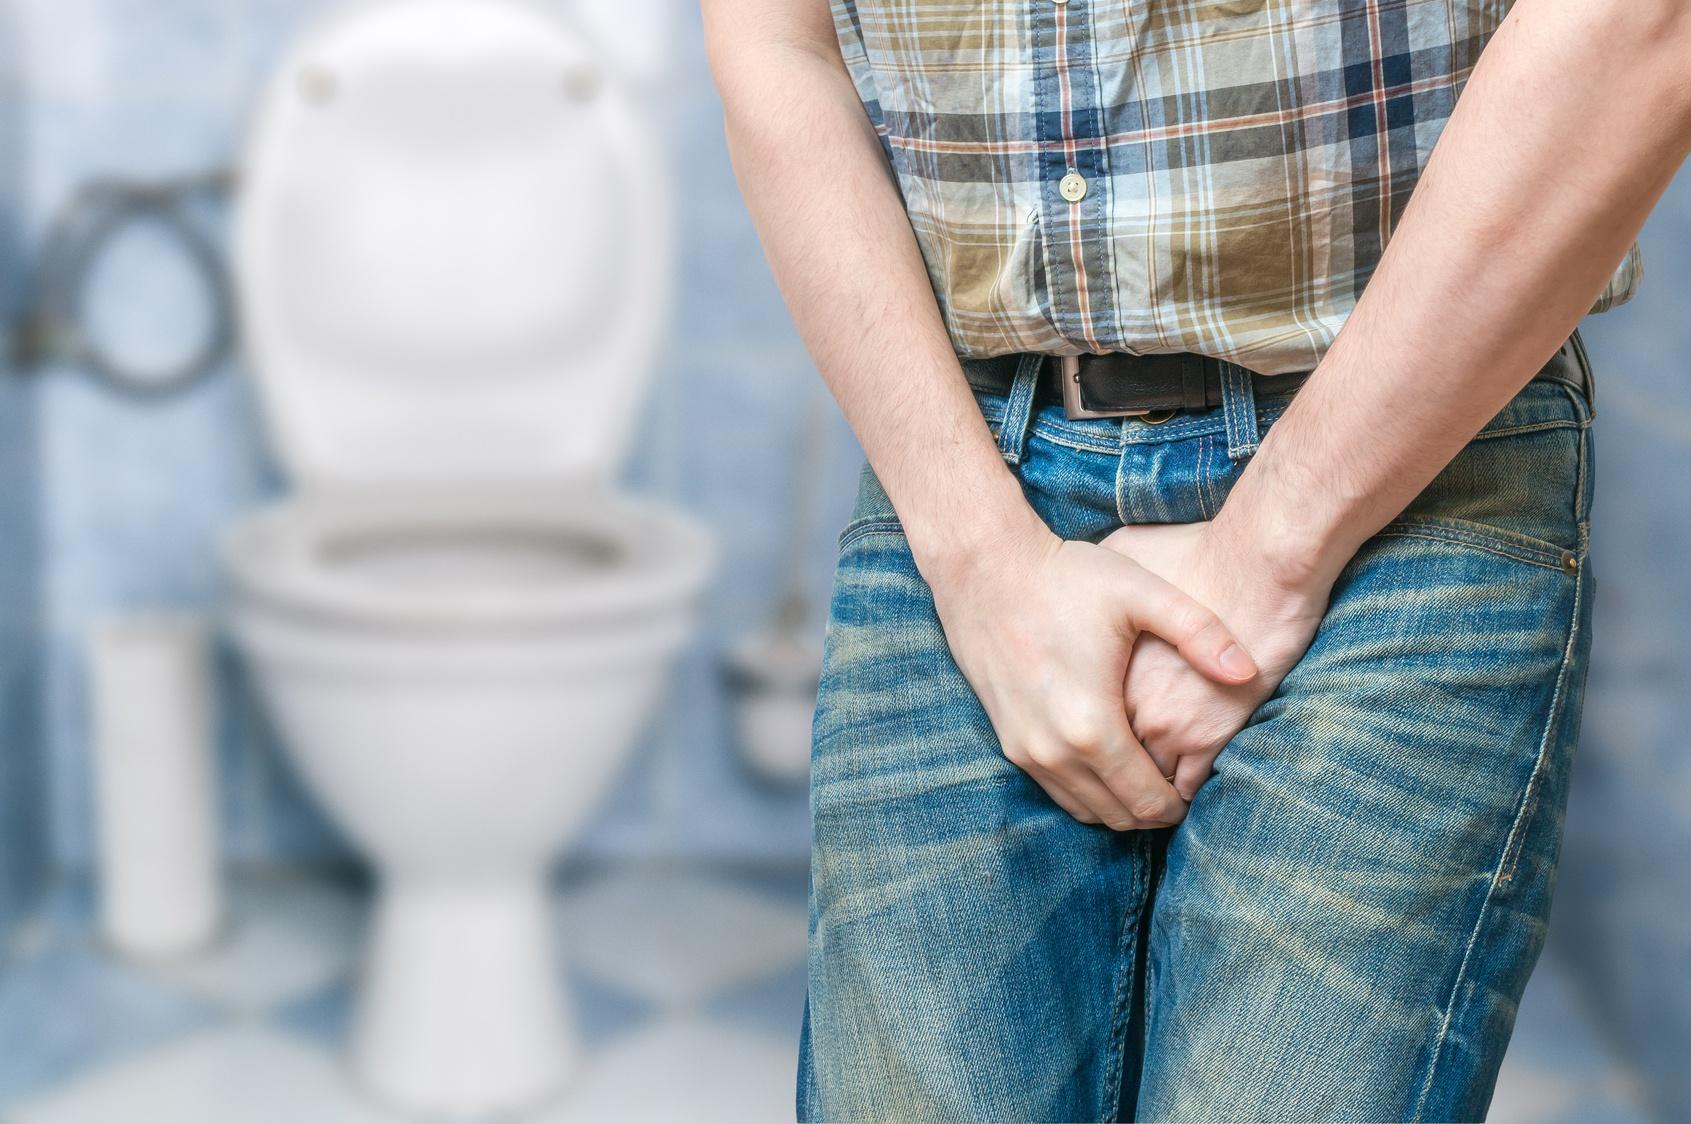 前立腺がんは男性が最も罹患しやすいガンの一つです